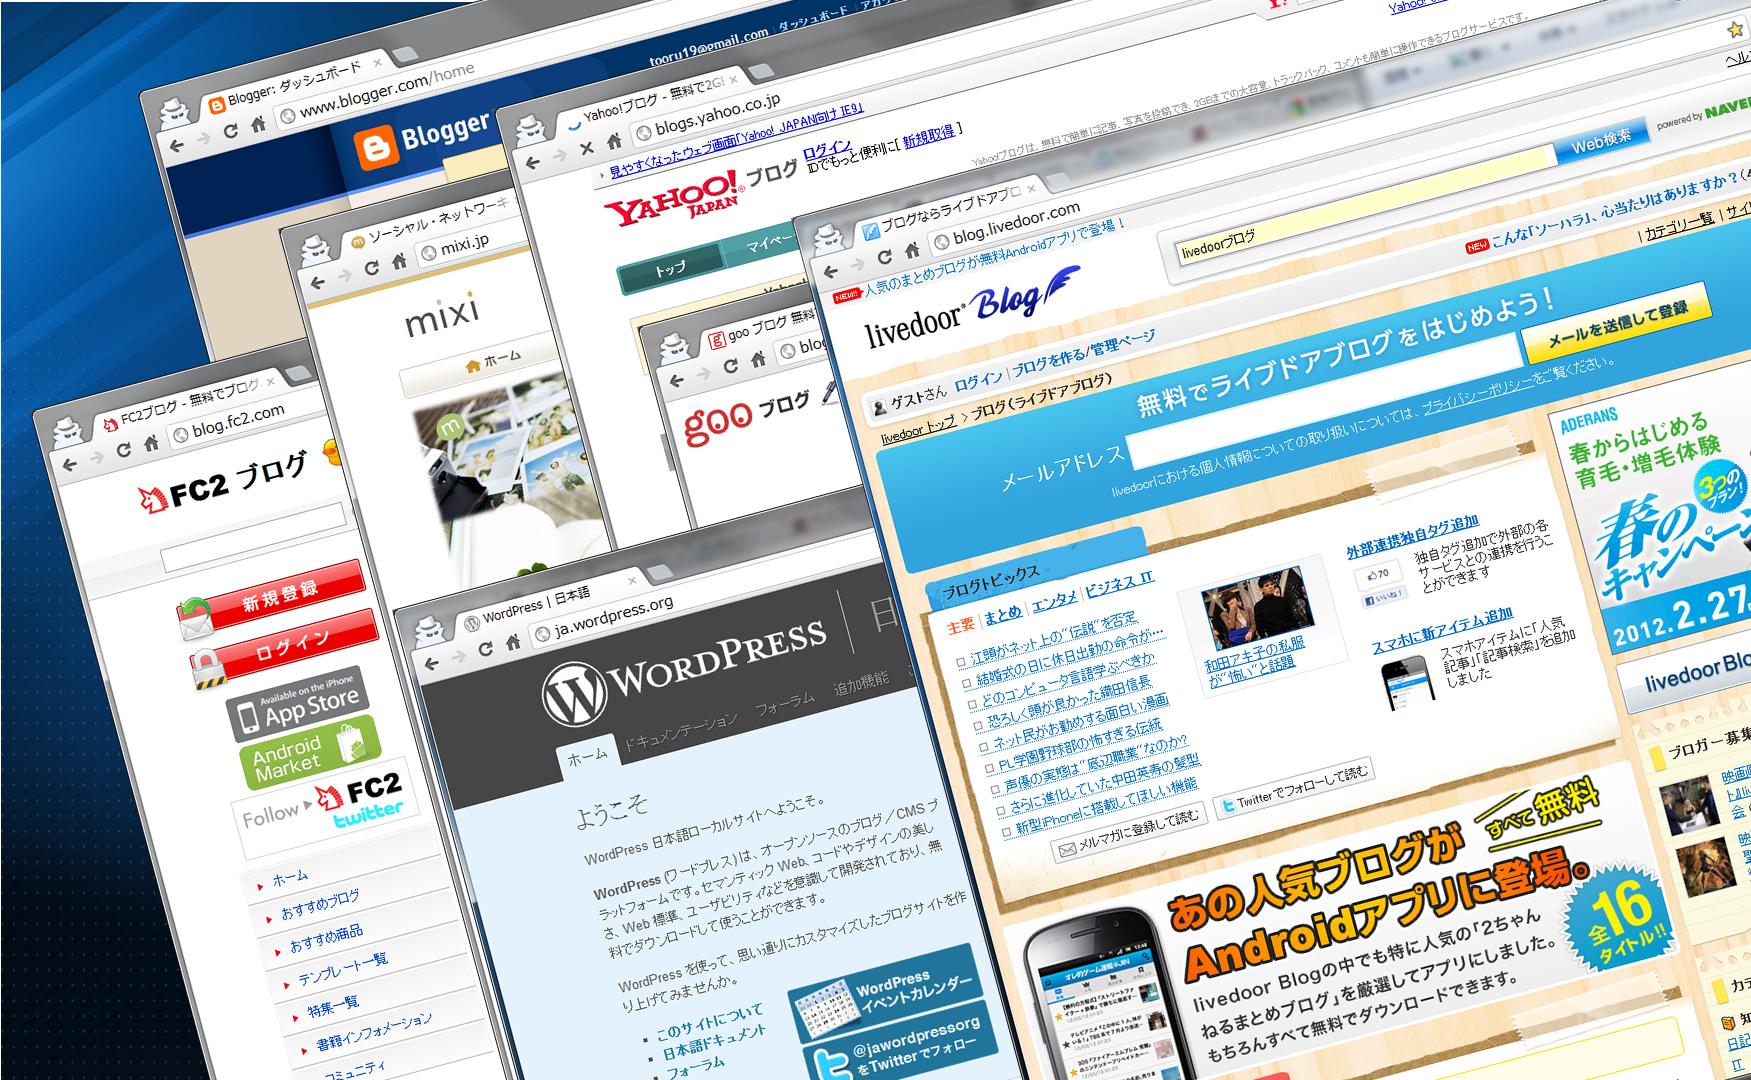 無料で、しかも簡単にライブドアブログからWordPressに移行する極意